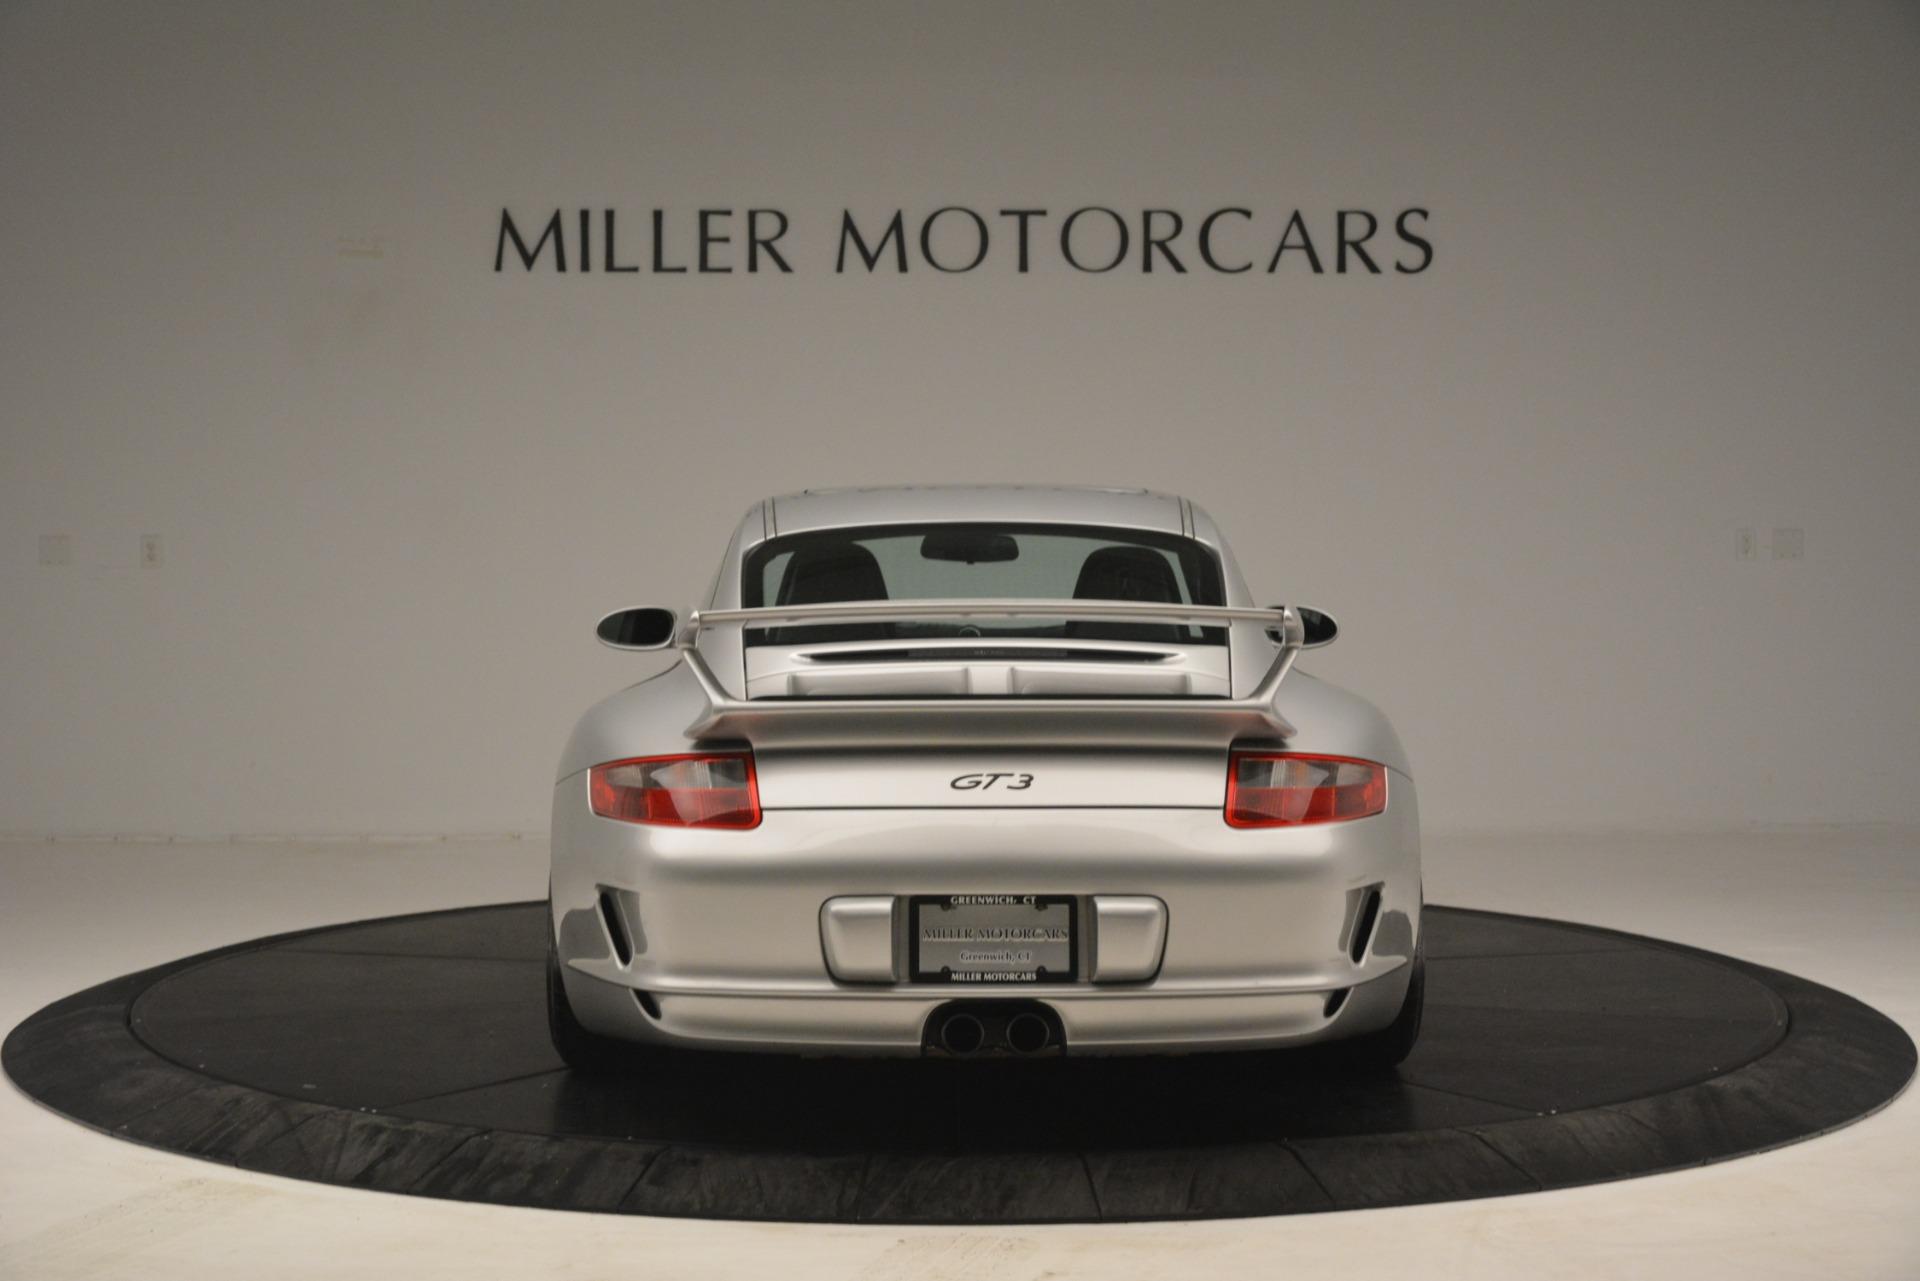 Used 2007 Porsche 911 GT3 For Sale In Westport, CT 3120_p6